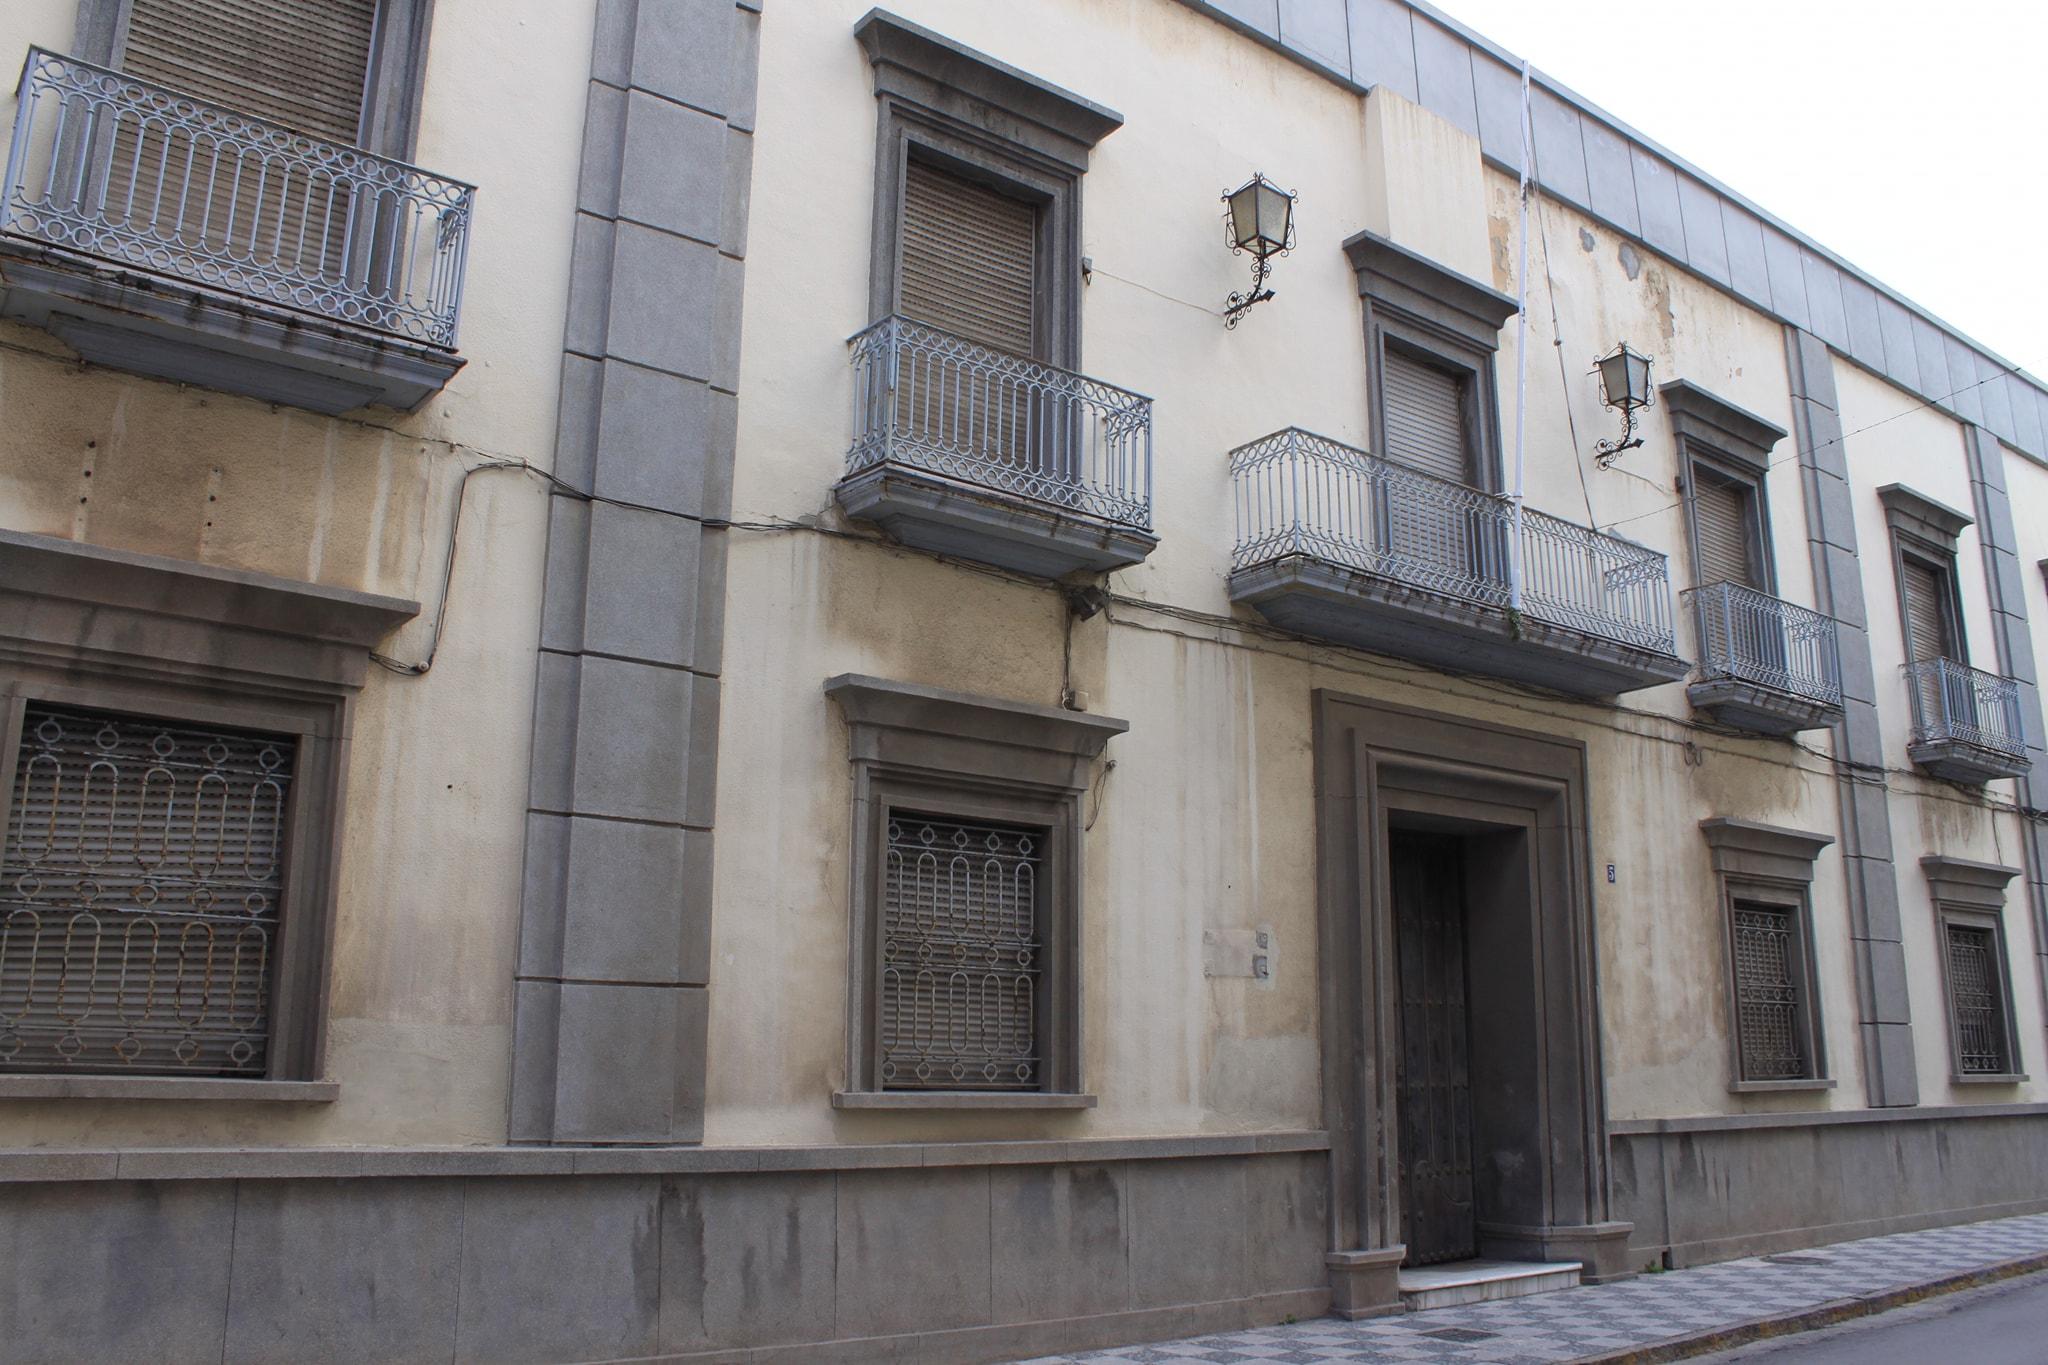 EL PLENO DE ALGECIRAS APRUEBA EL CONVENIO CON DEFENSA PARA LA RECUPERACIÓN DEL ANTIGUO GOBIERNO MILITAR